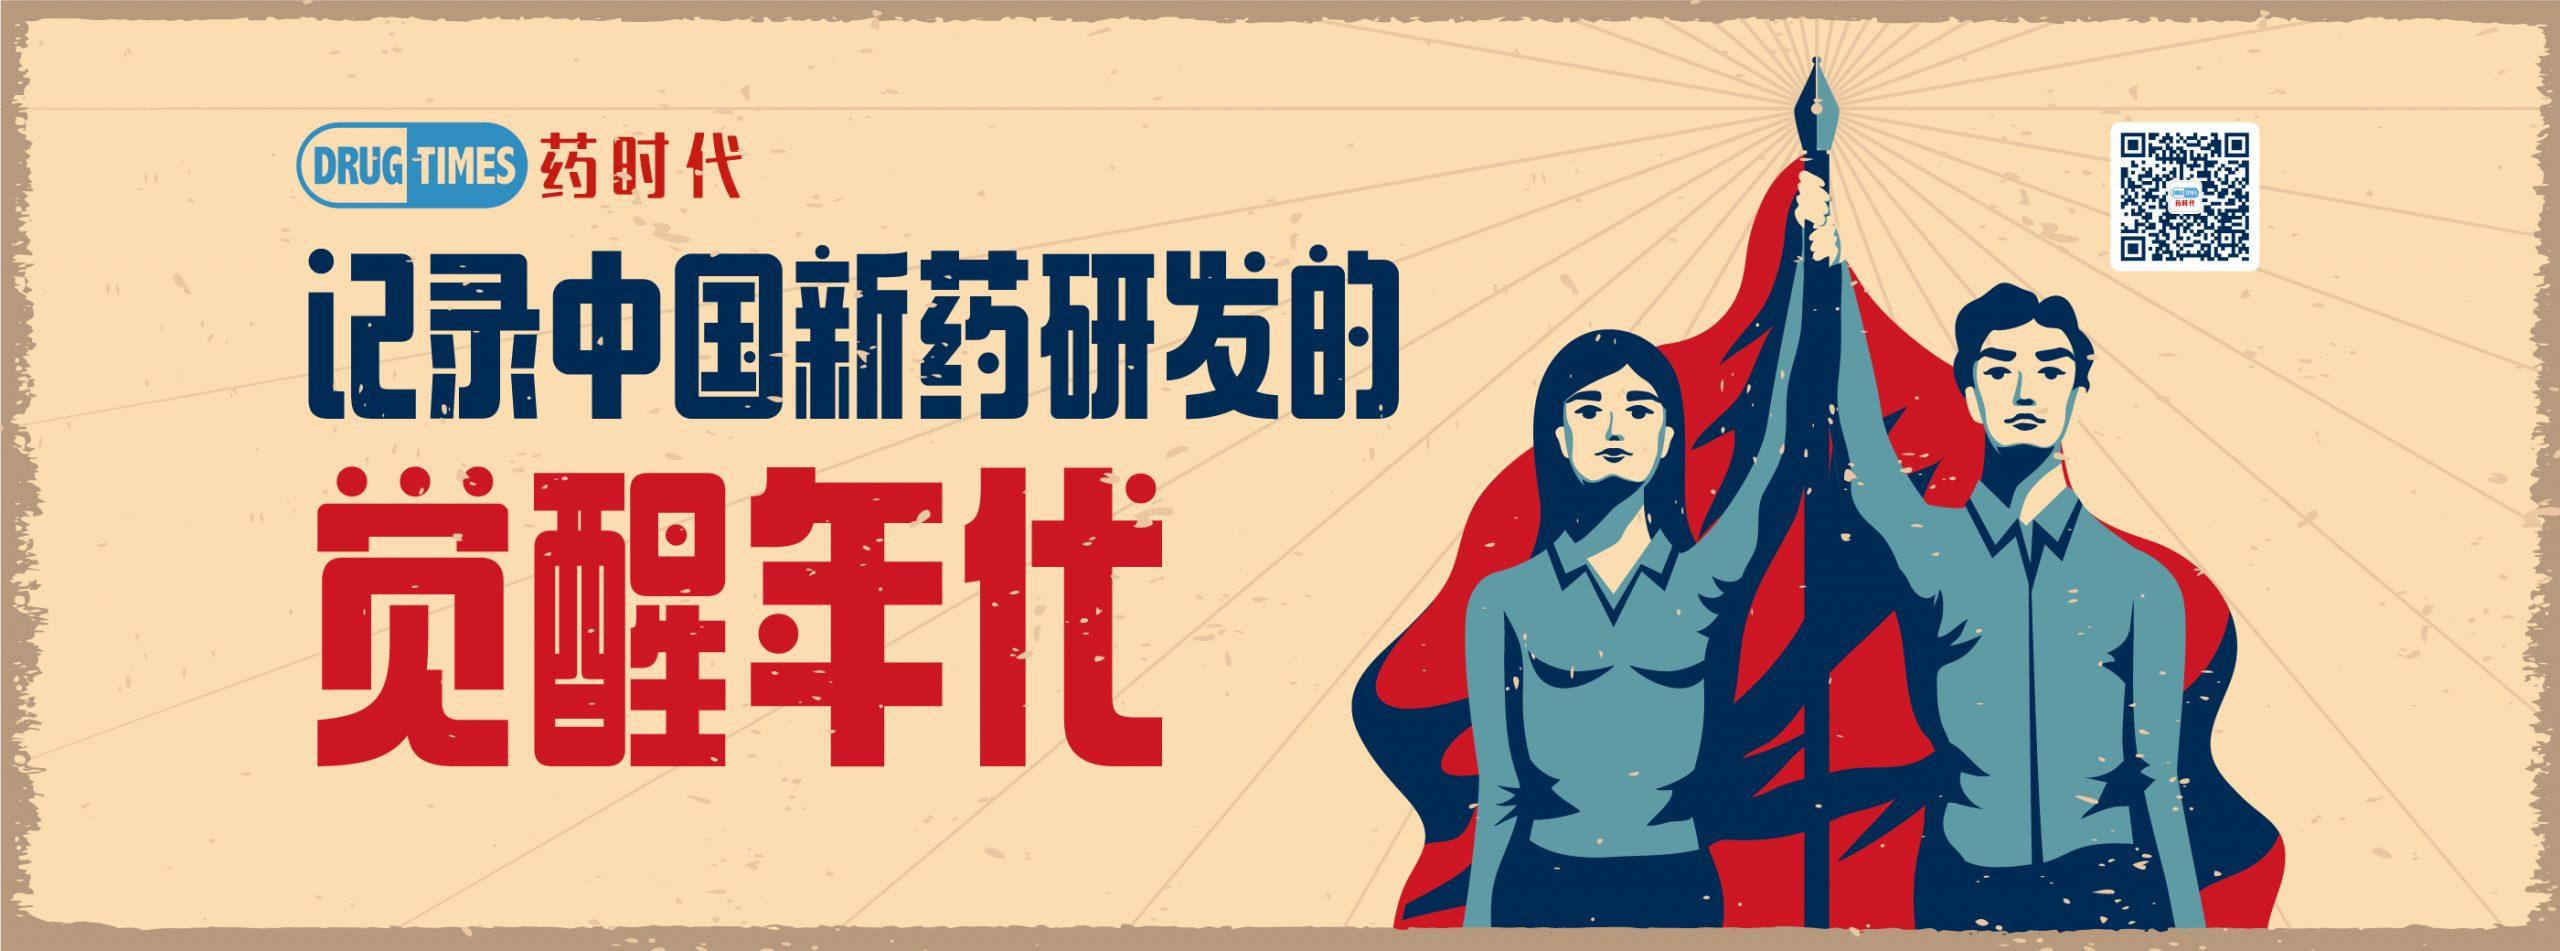 药时代——记录中国新药研发的觉醒年代